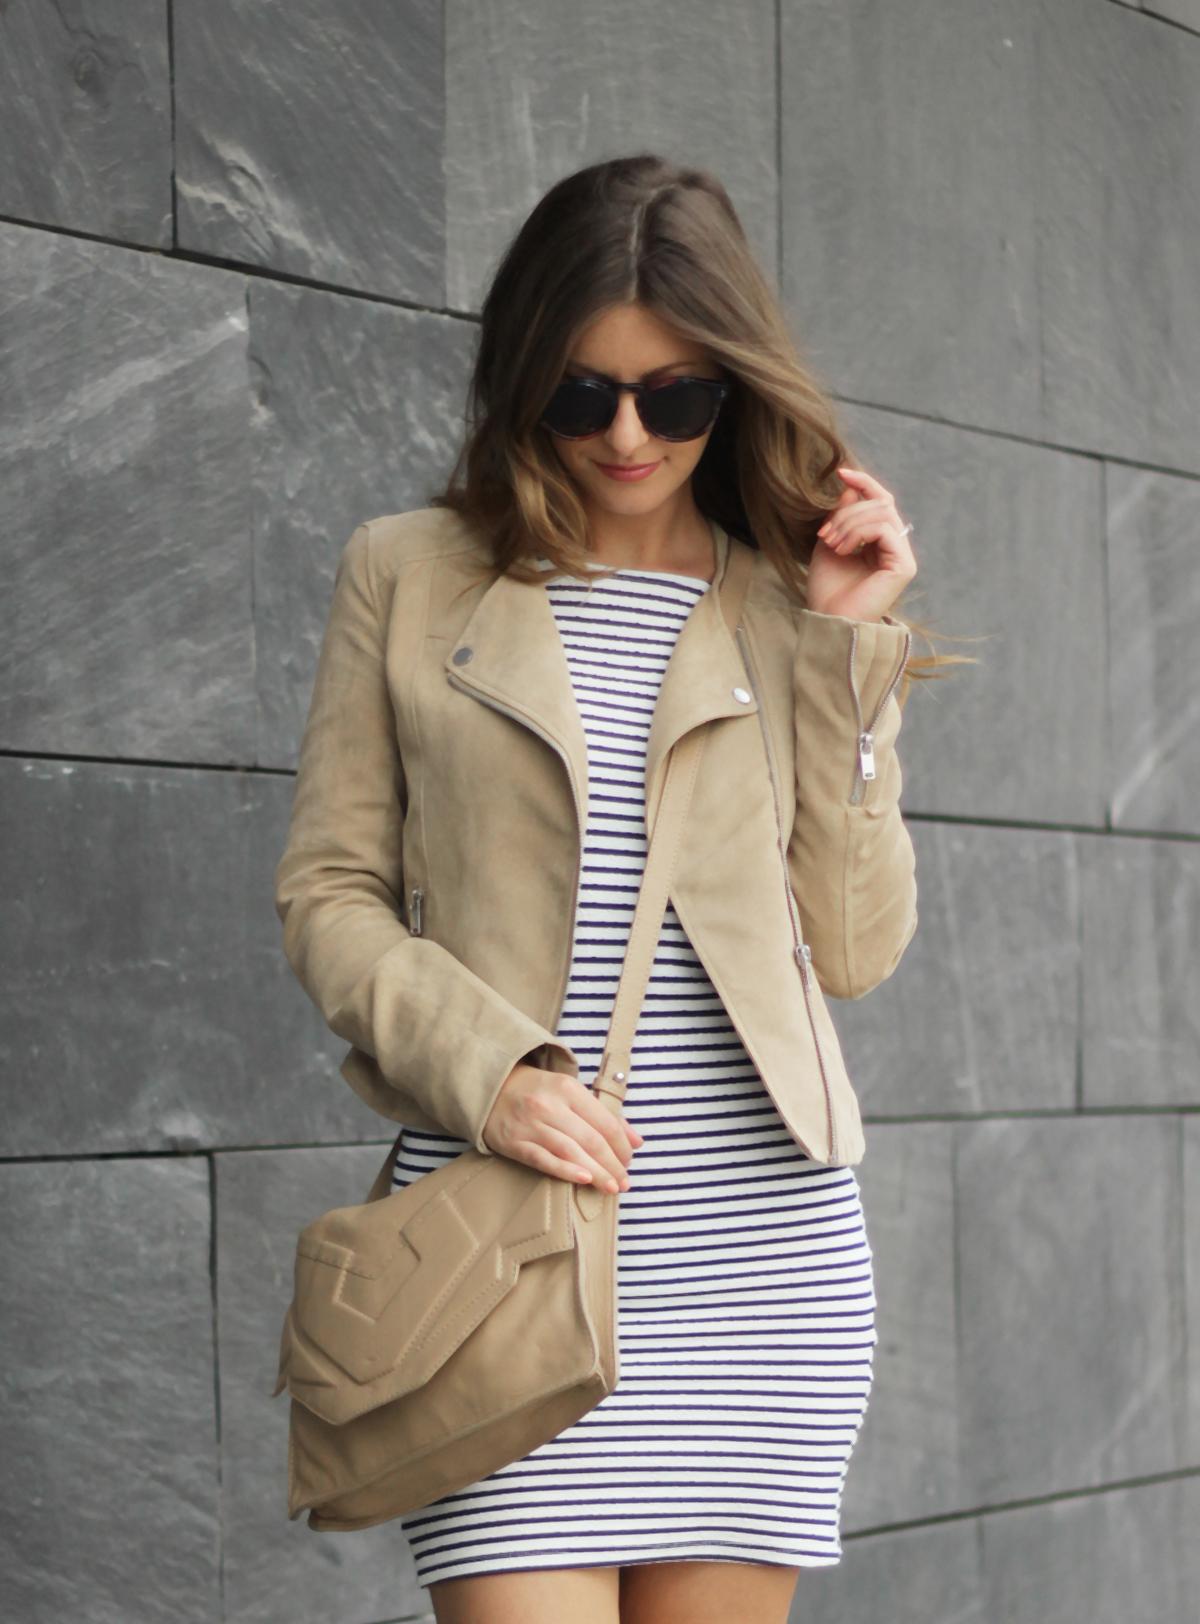 beautyressort-outfit-gestreiftes kleid-beige lederjacke-19